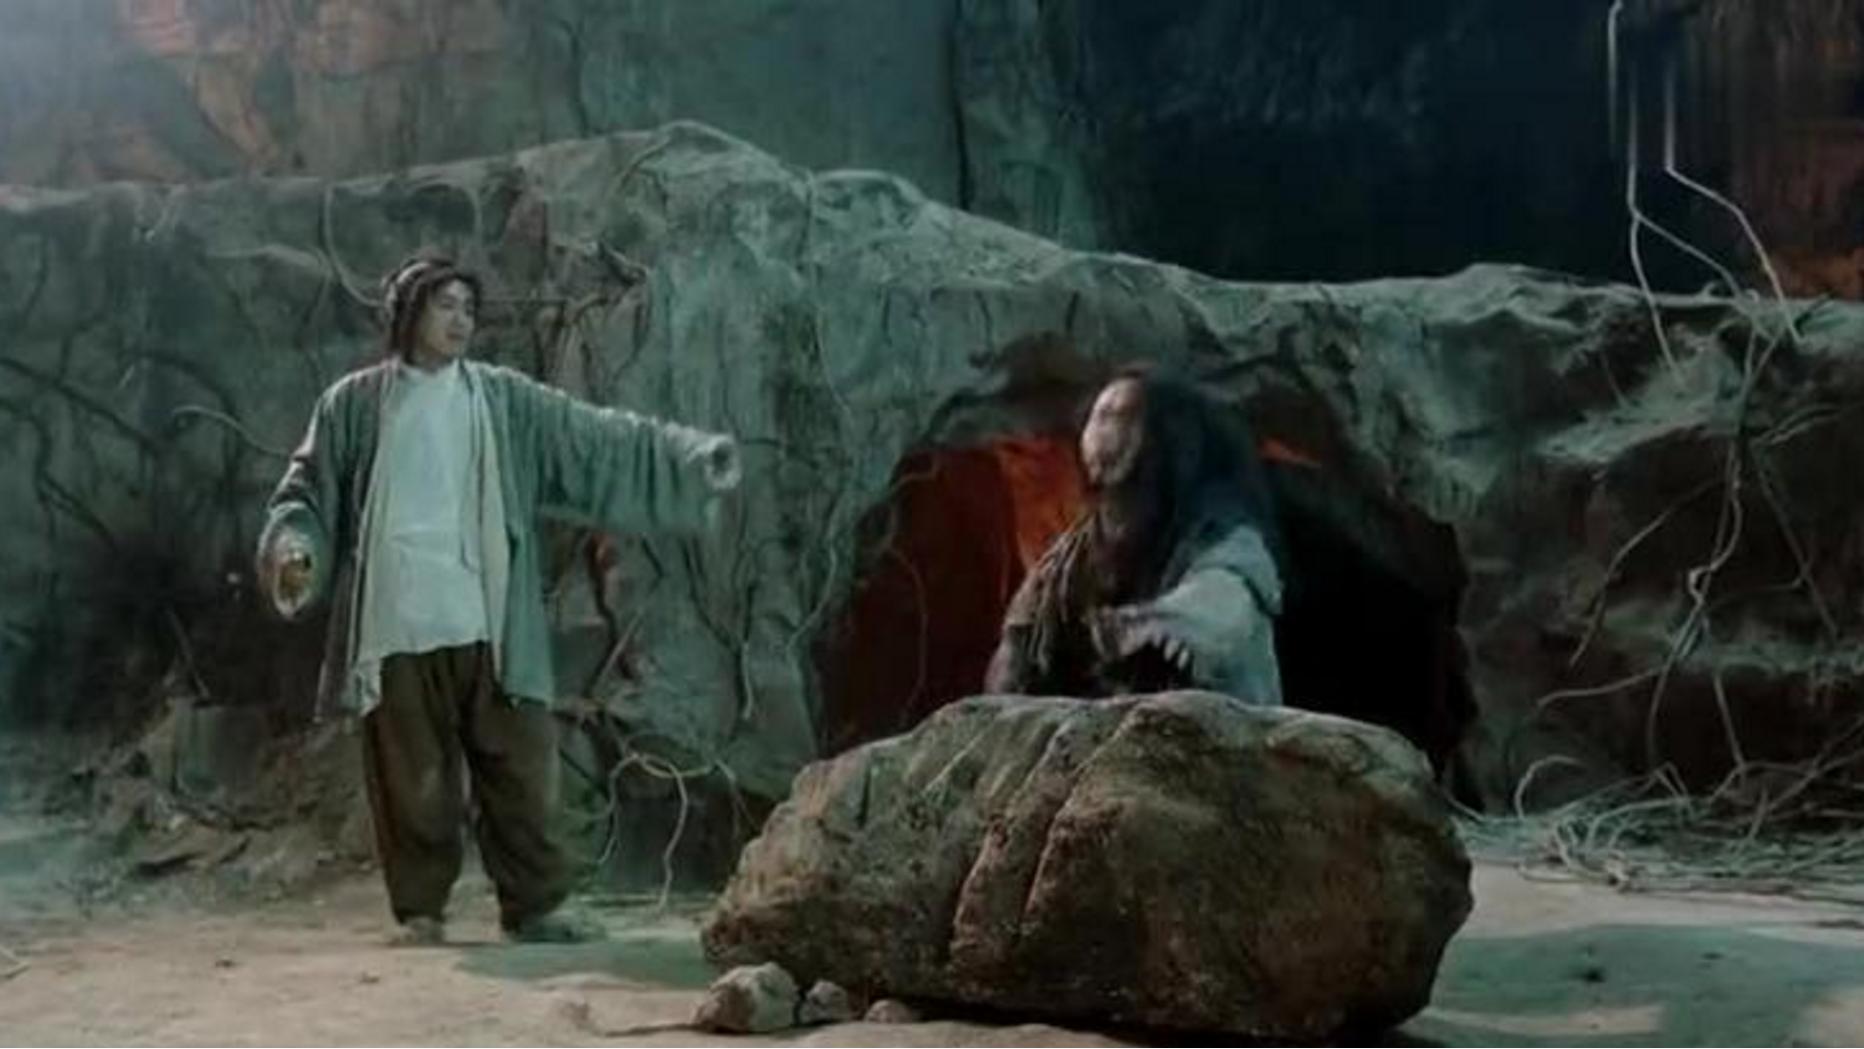 大话西游:星爷教学如何在3分钟之内,俘获一个女人的心